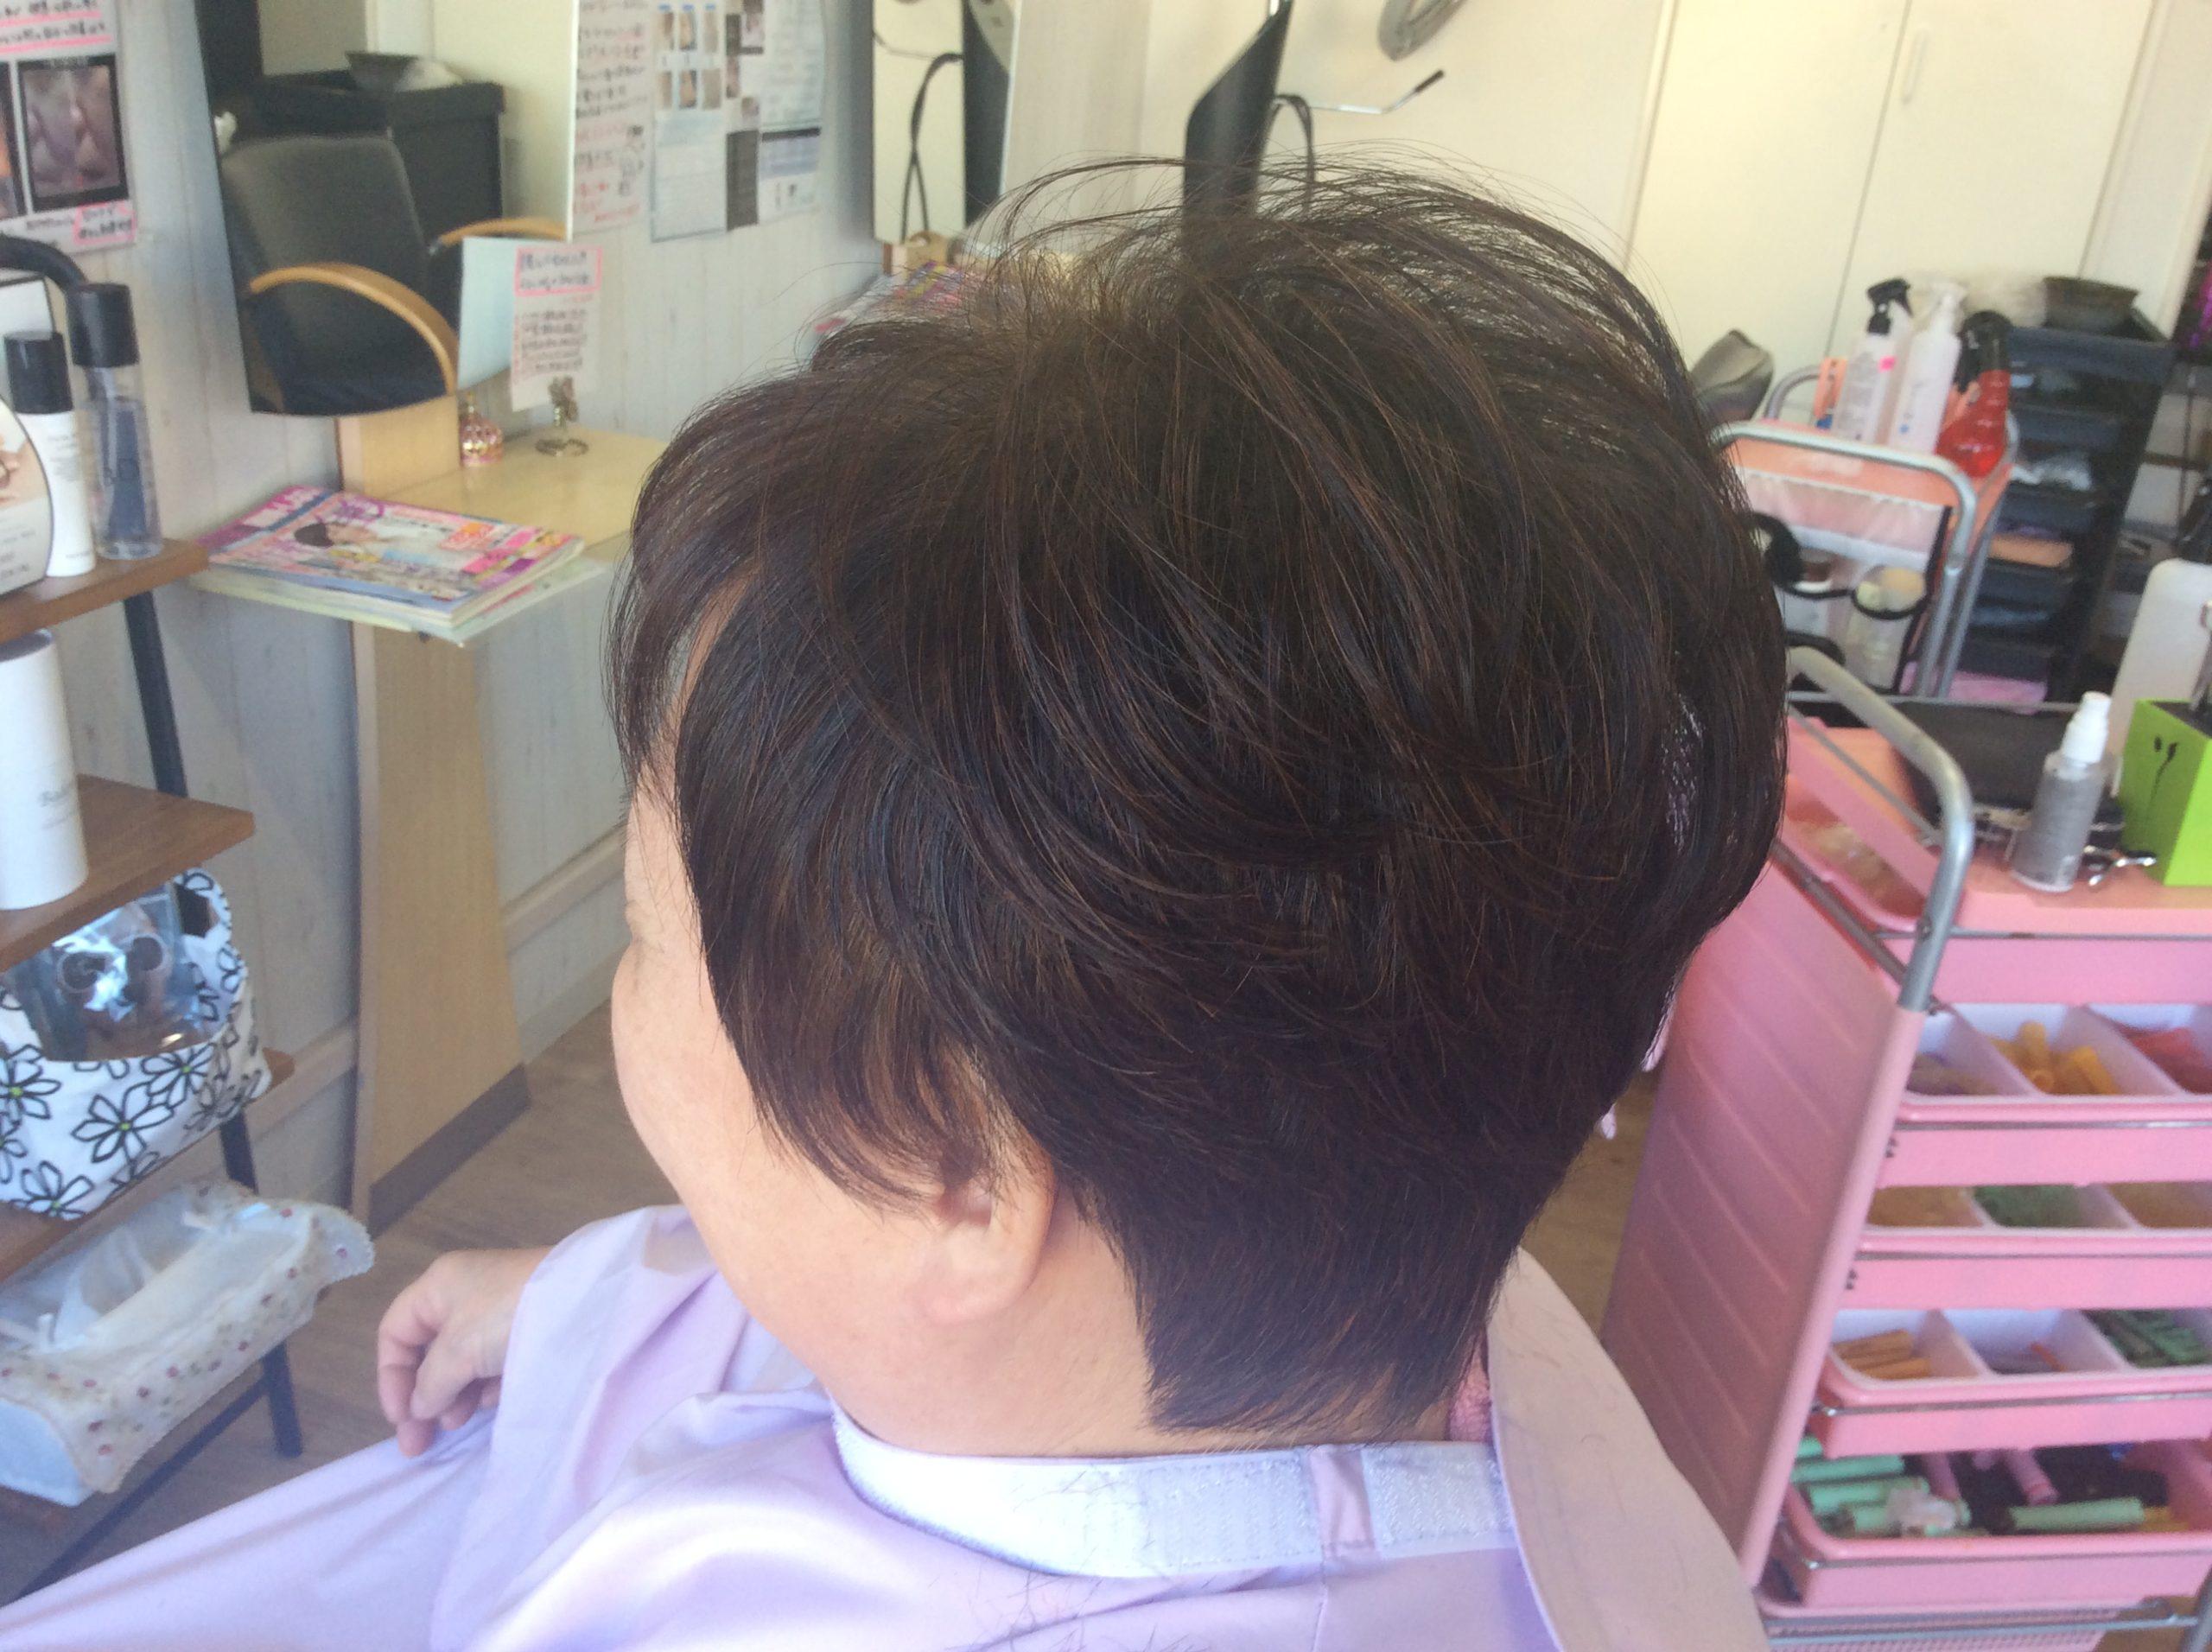 ヘナカラーとくせ毛のためのキュビズムカットでフンワリ